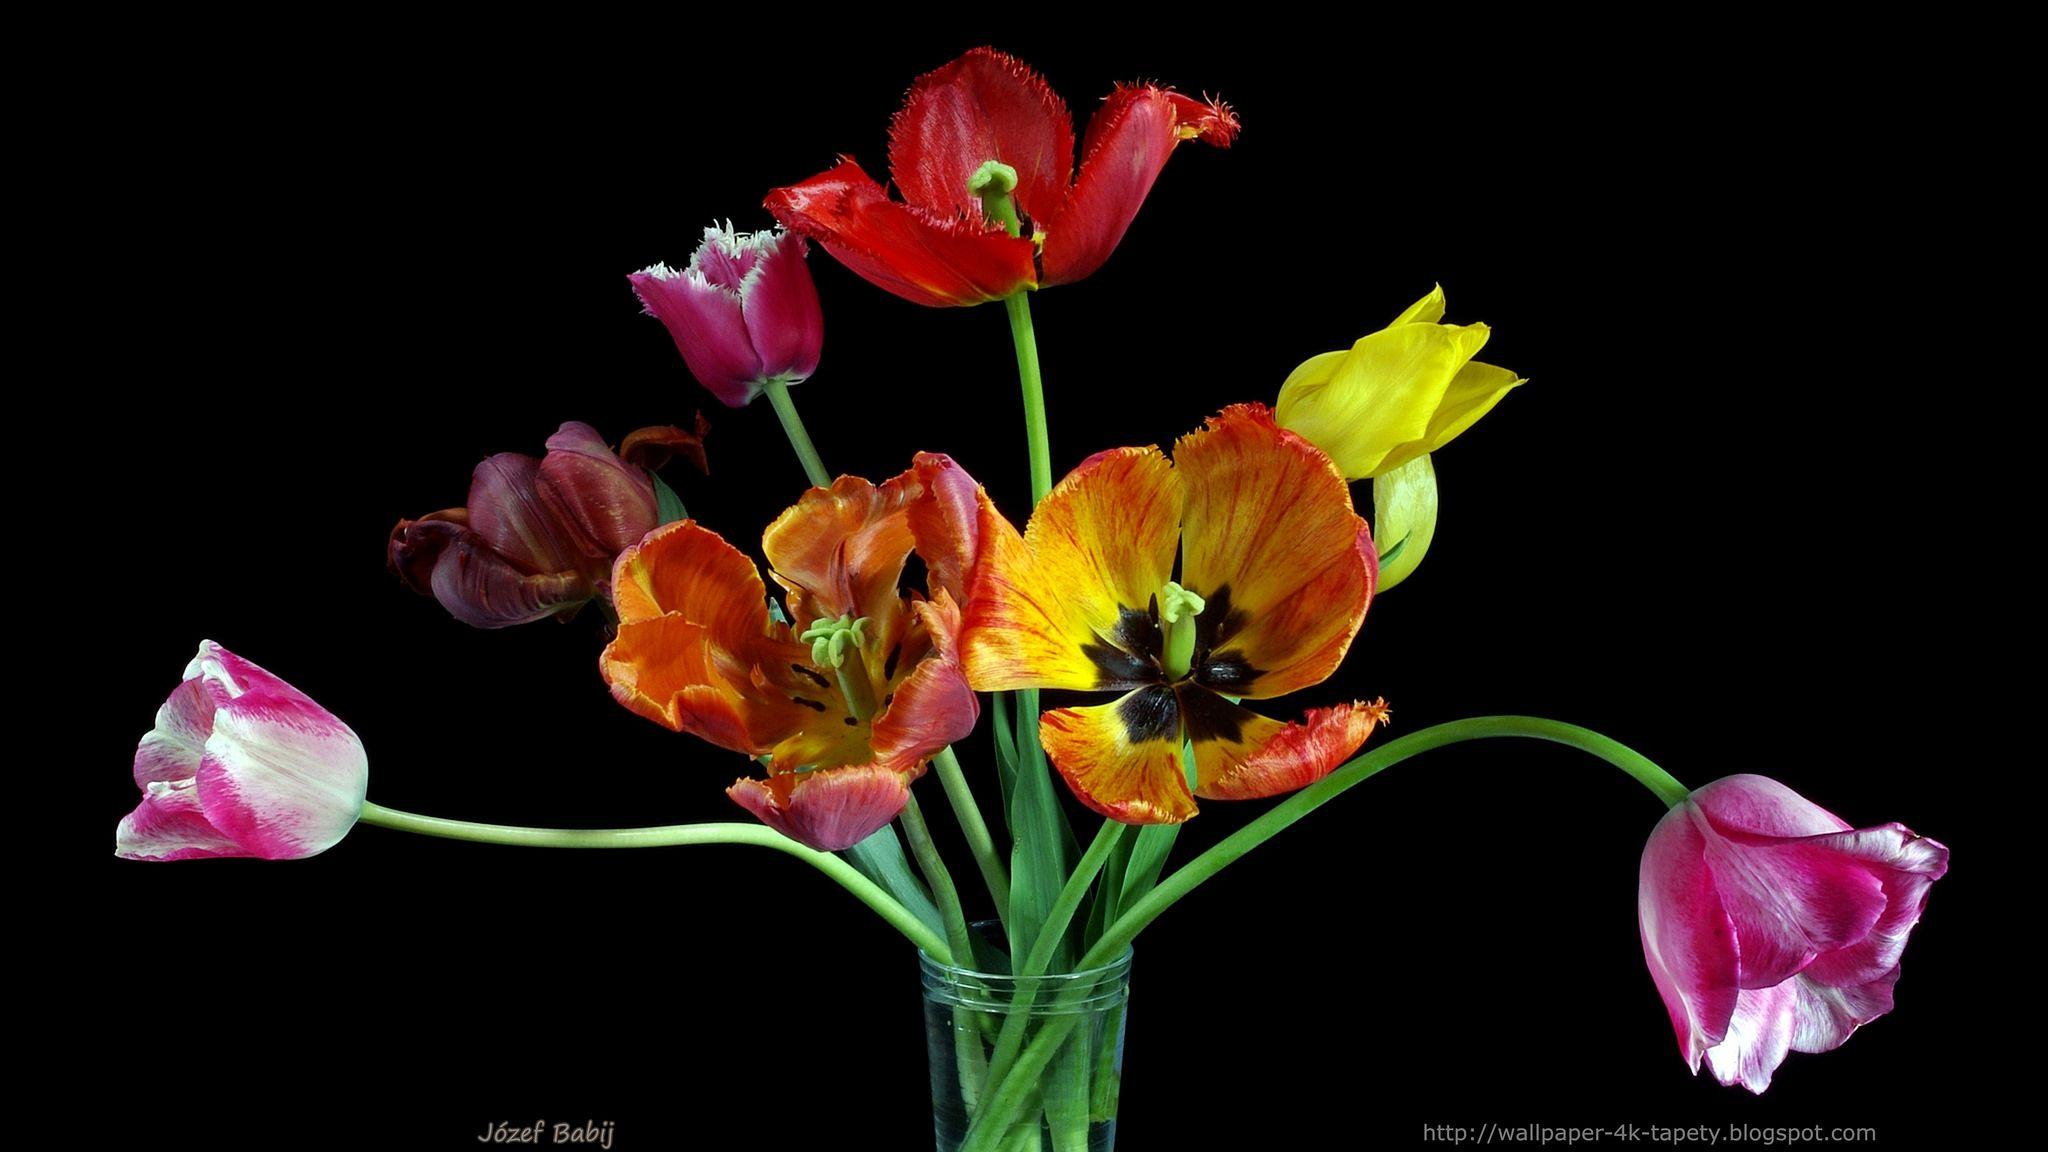 Bukiet Tulipanow Wallpaper 4k 3840x2160 Tapeta 1 Wallpaper Plants